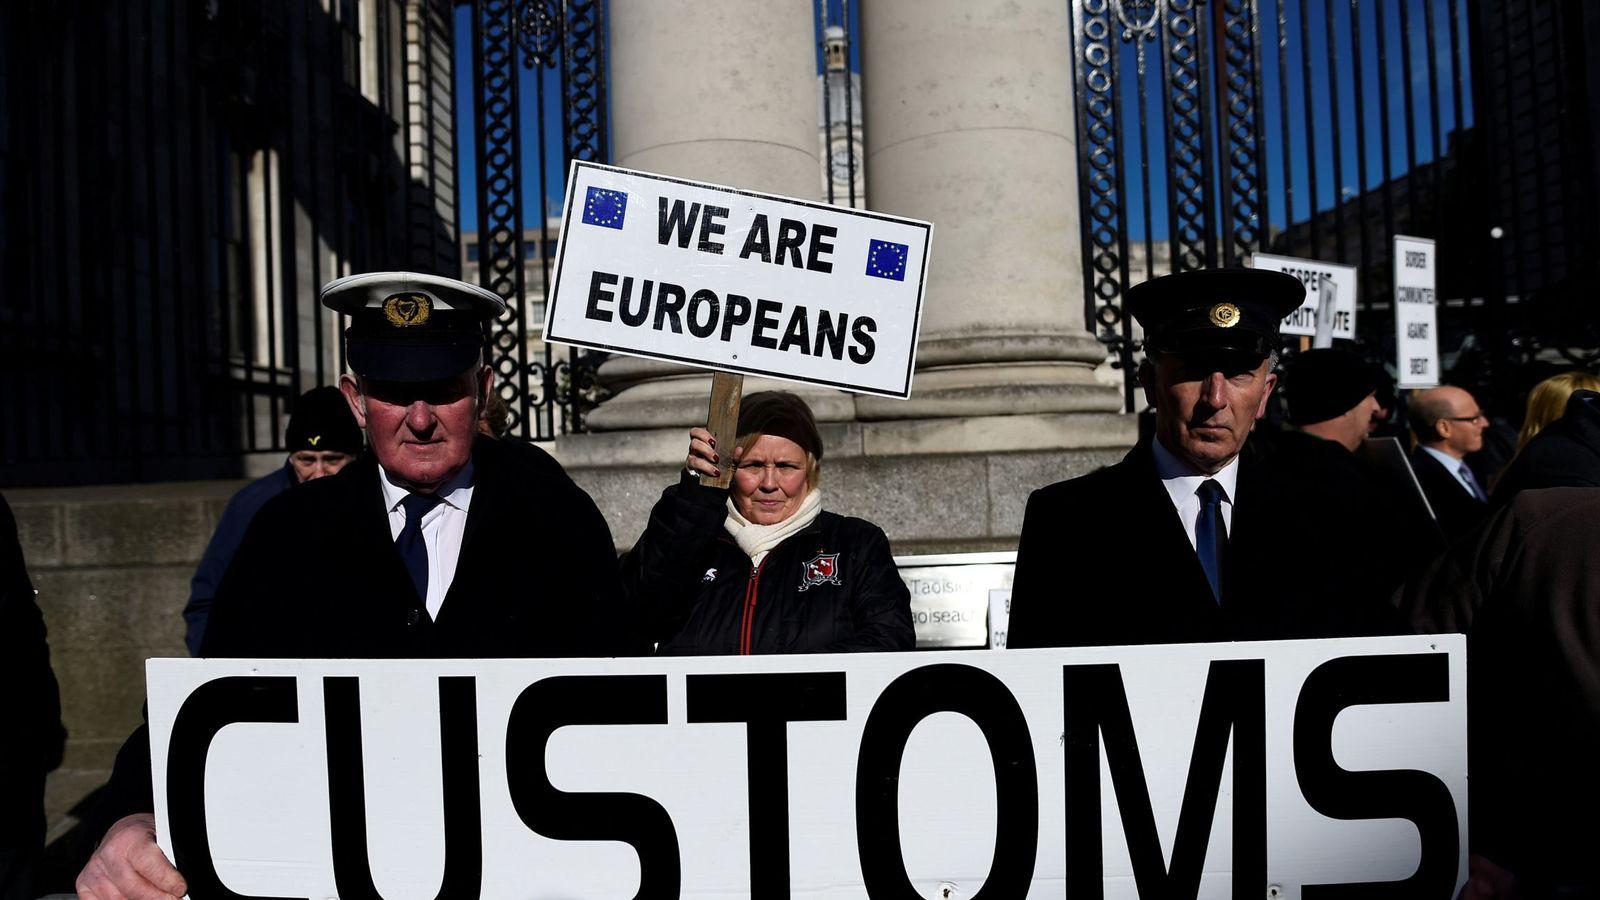 Foto: Miembros de una campaña anti-Brexit protestan en Dublín por los problemas en las aduanas, el 25 de abril de 2017. (Reuters)